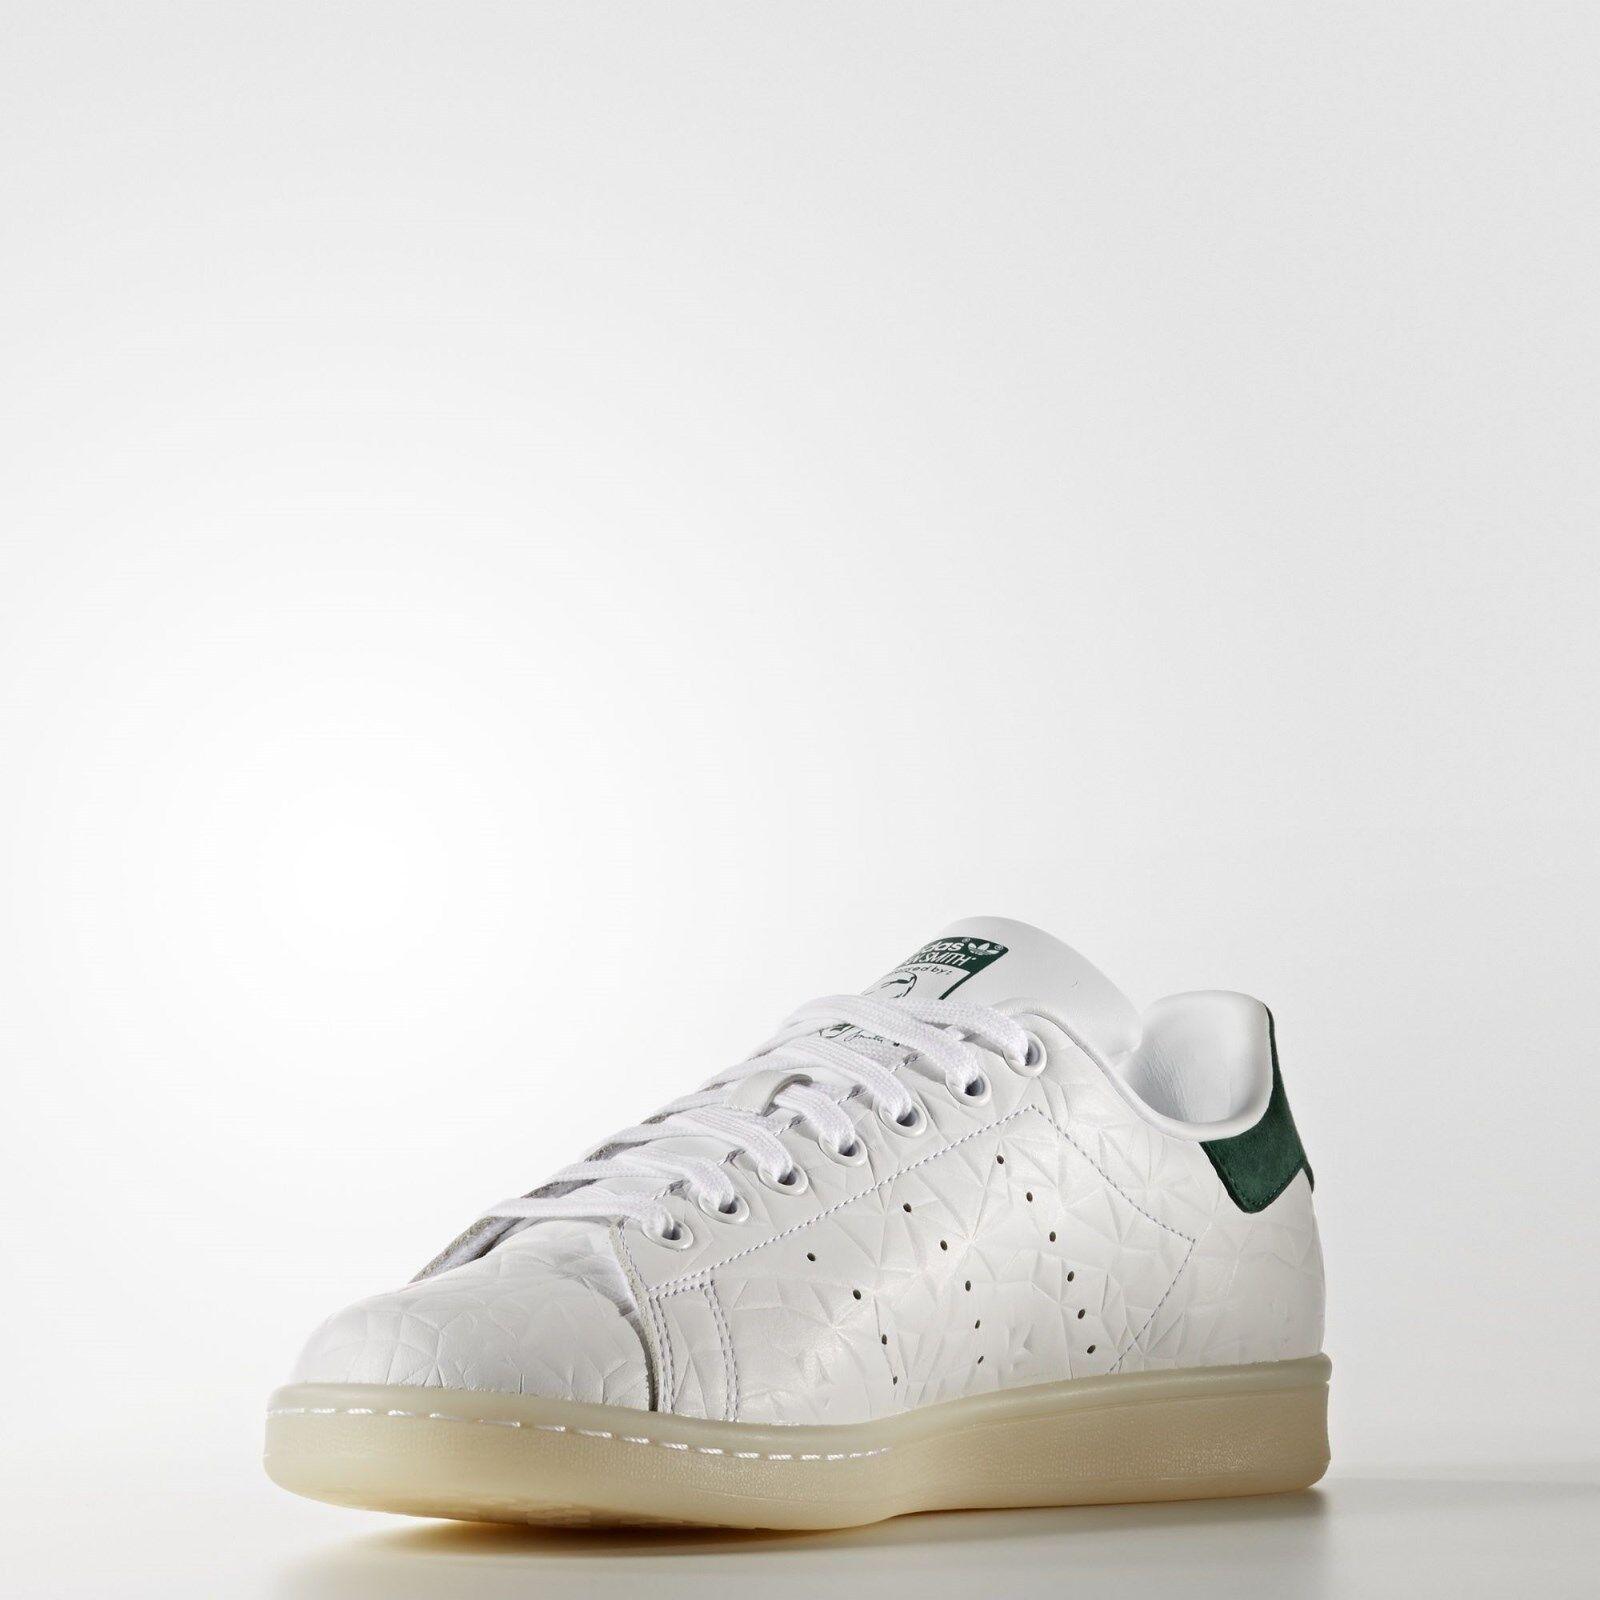 Adidas originals männer männer originals stan smith uns s82253 letztes paar schuhe der größe 12 f10fa1